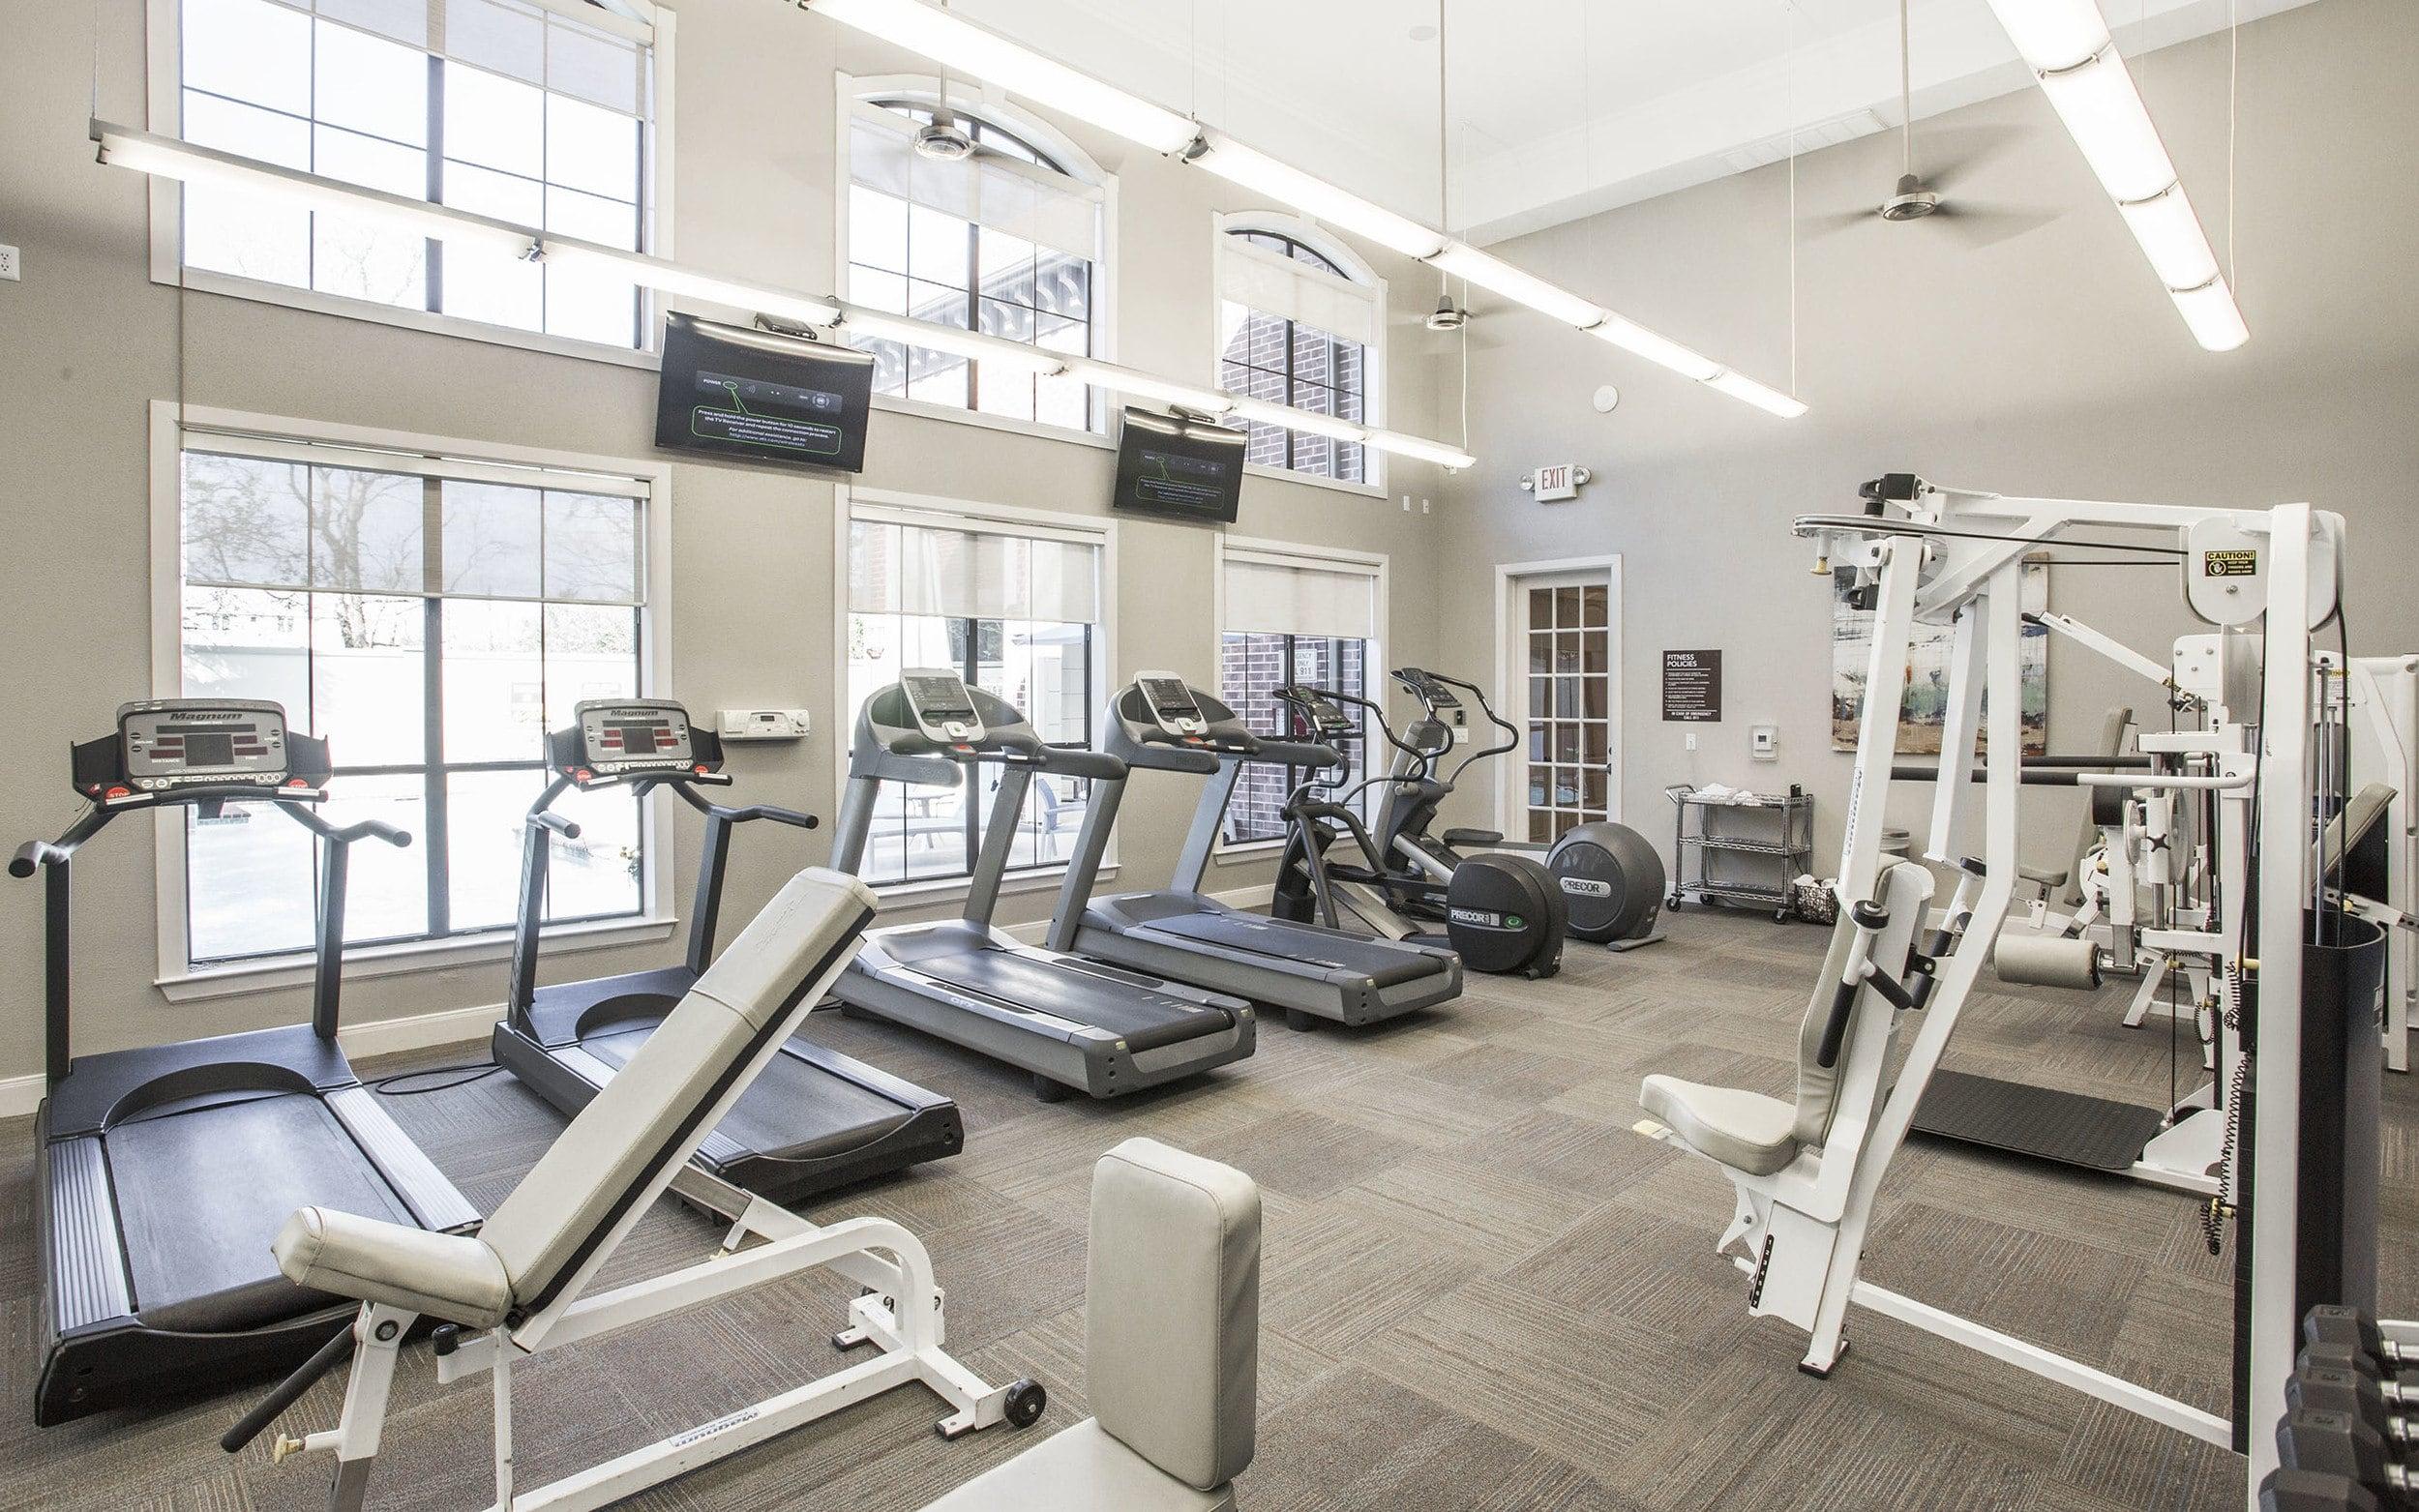 Fitness Center at Verdir at Hermann Park in Houston, Texas